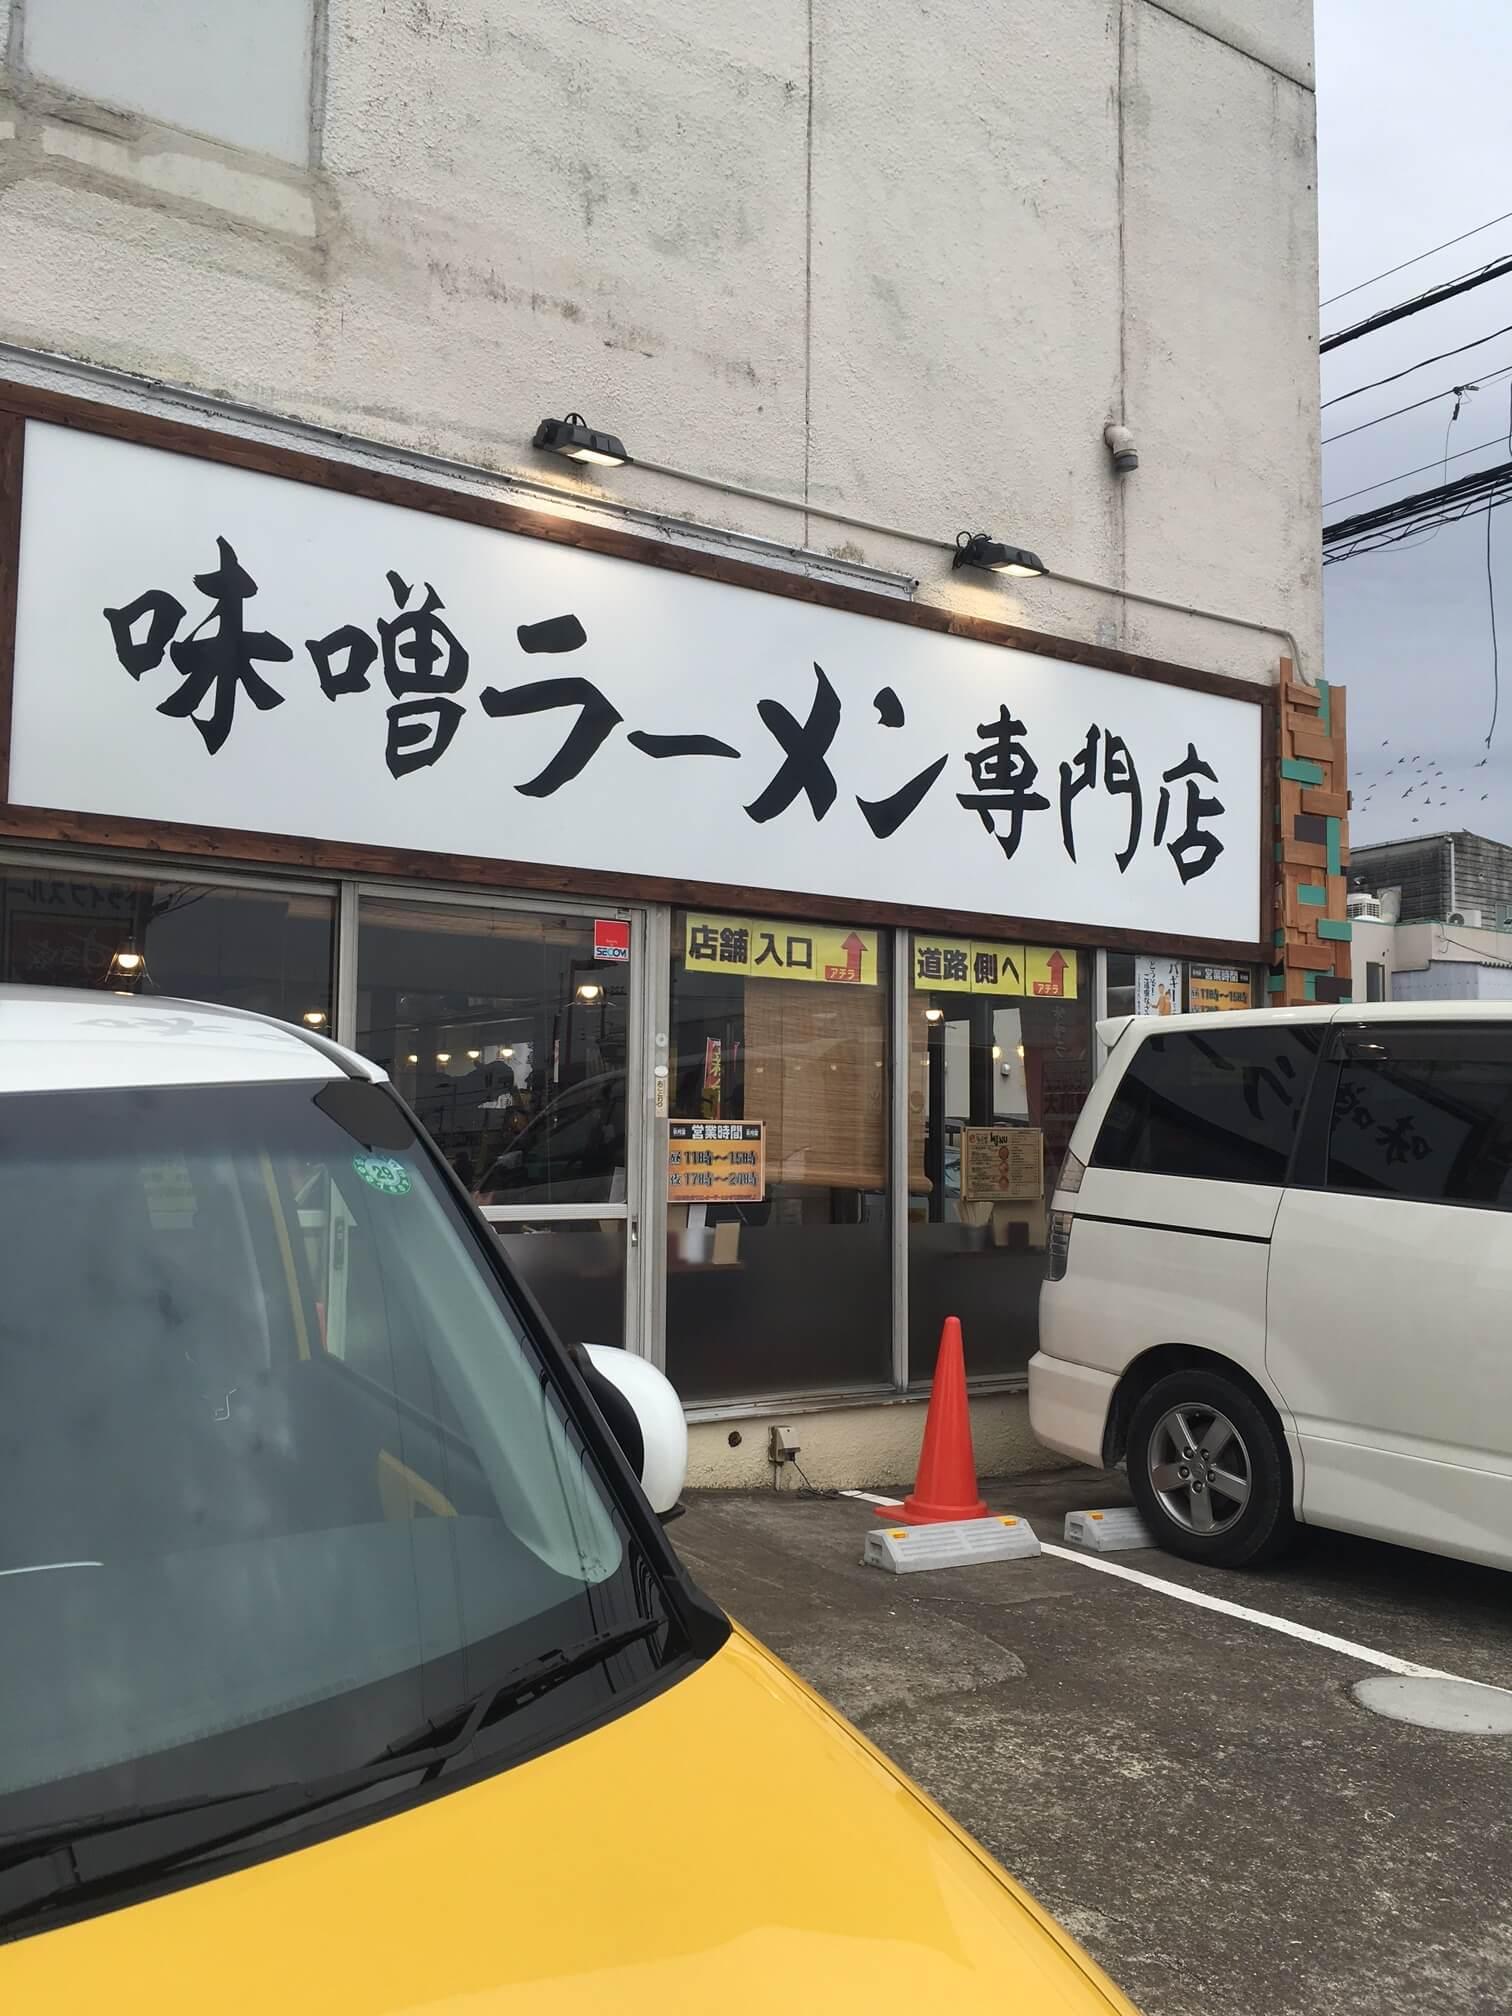 味噌ラーメン専門店 日月堂で濃厚特味噌ラーメンを食べてきたよ